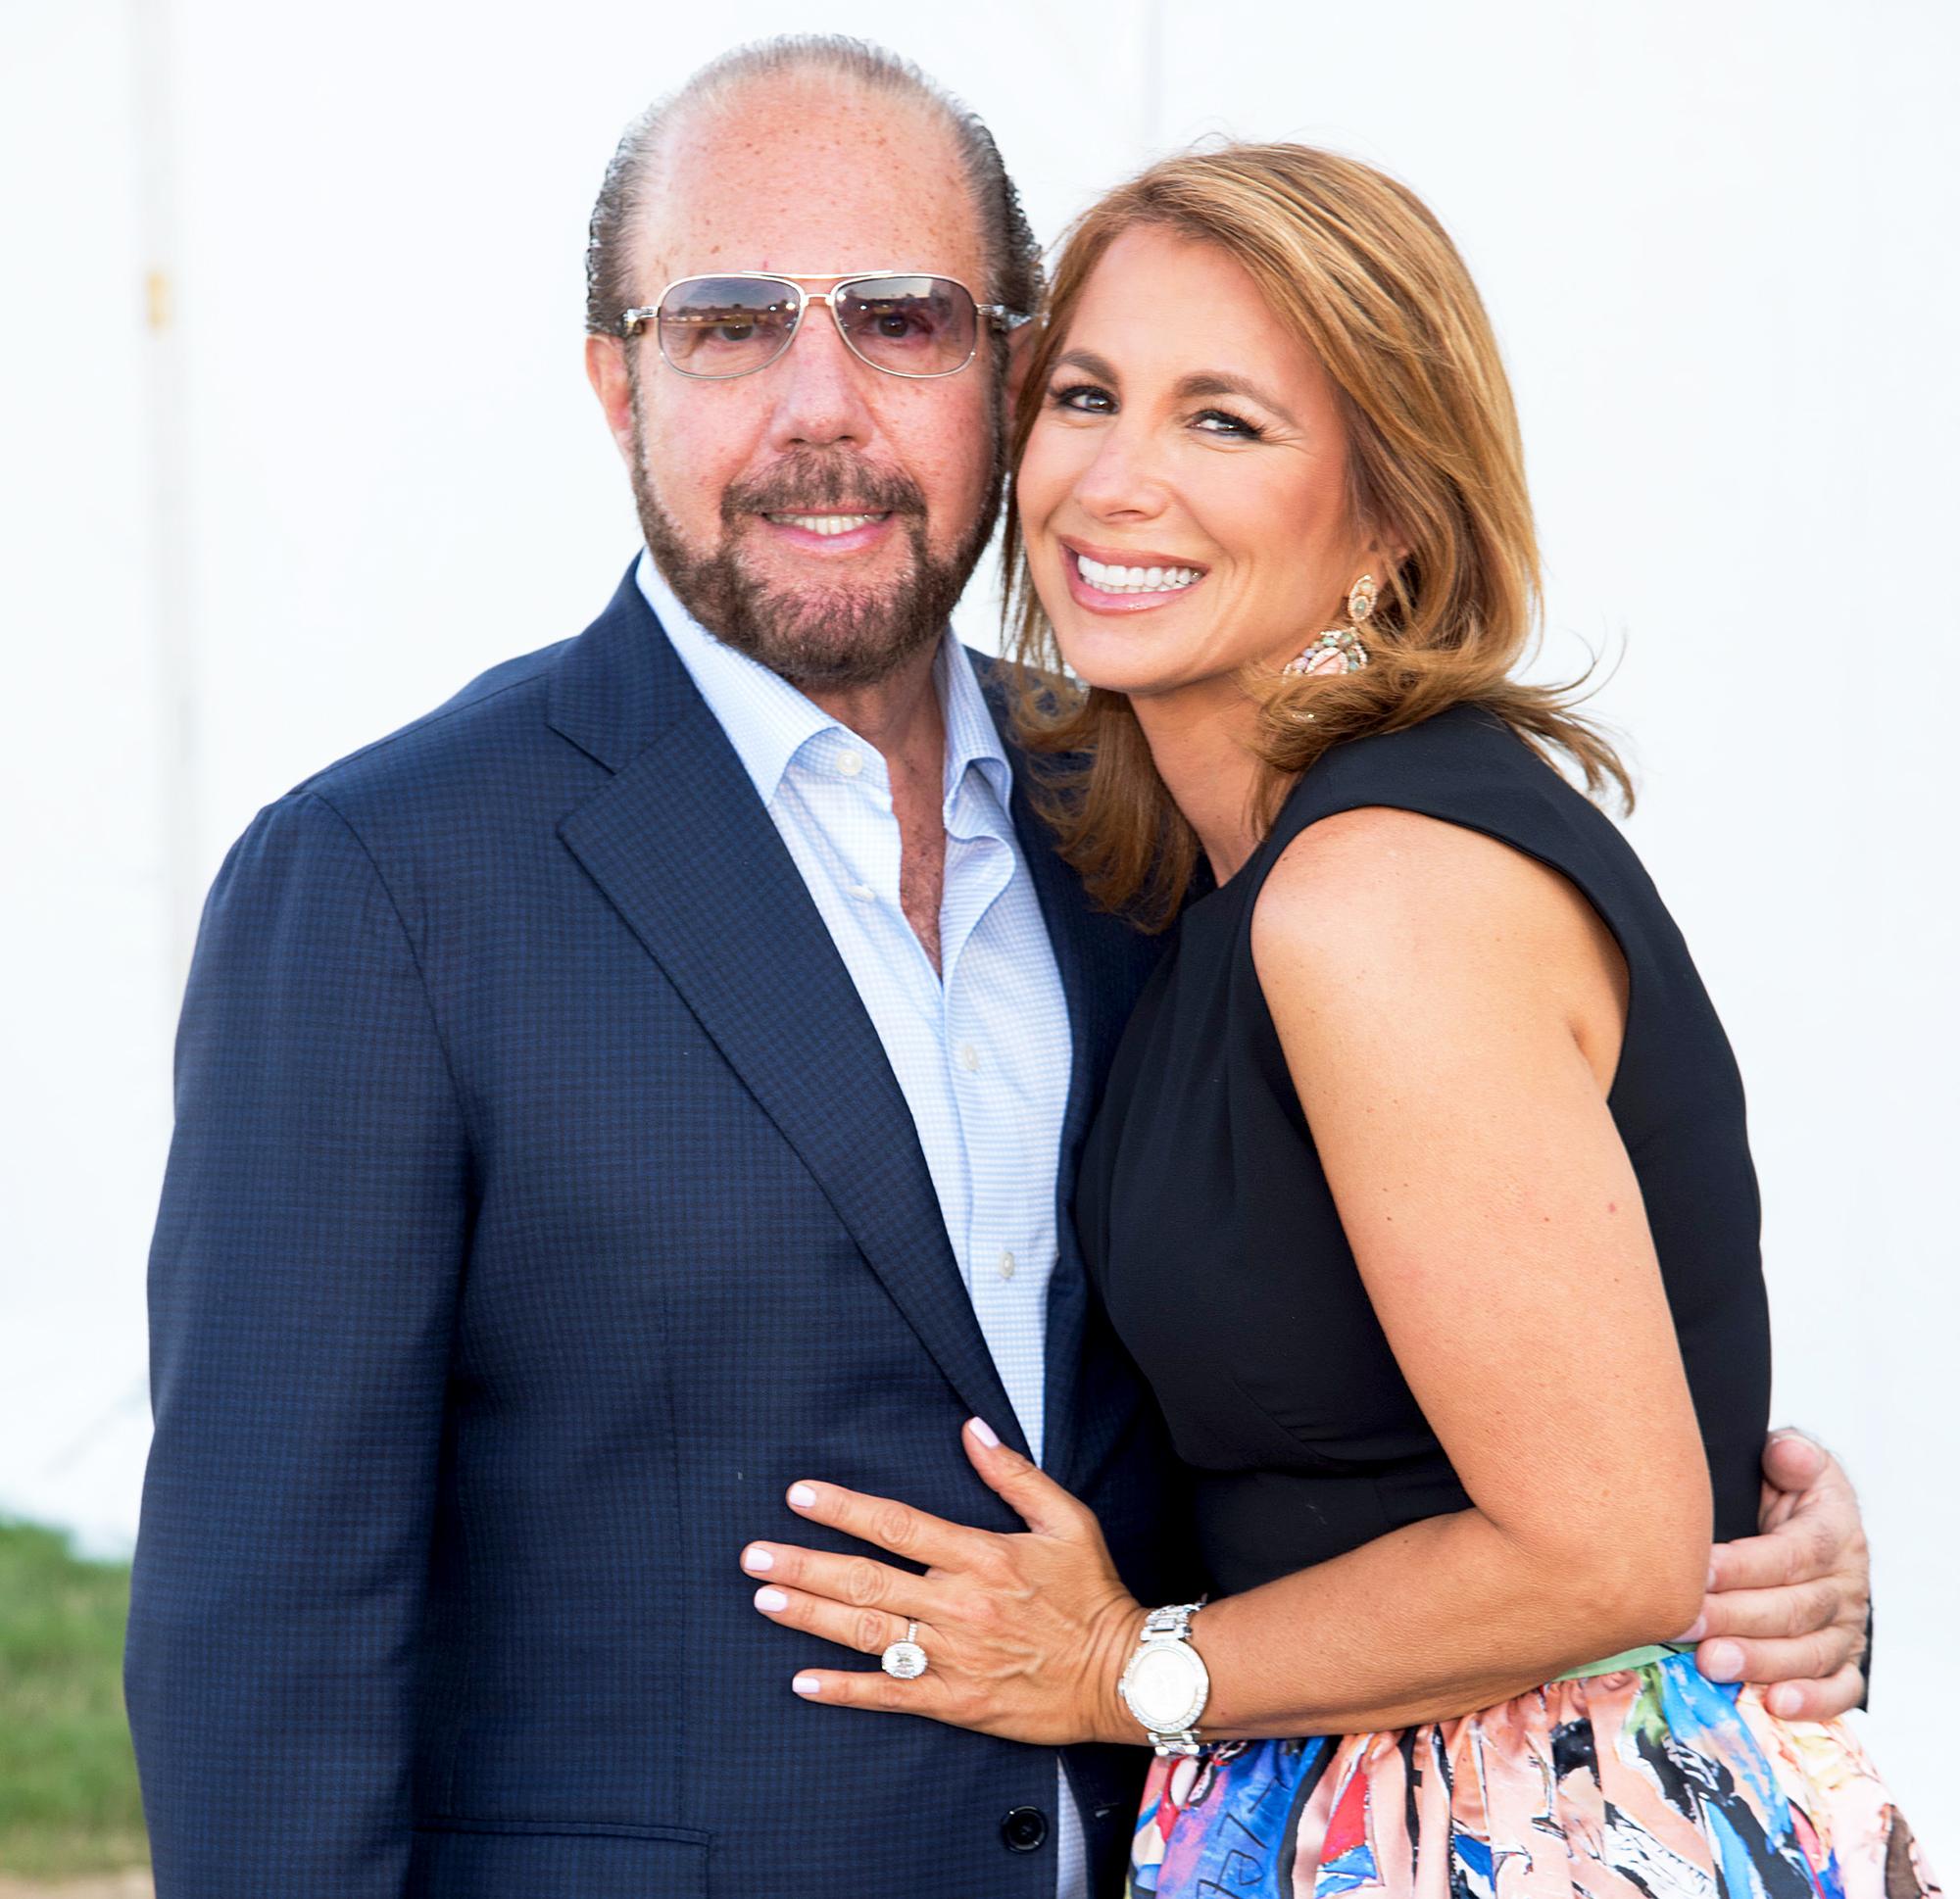 Bobby Zarin and Jill Zarin